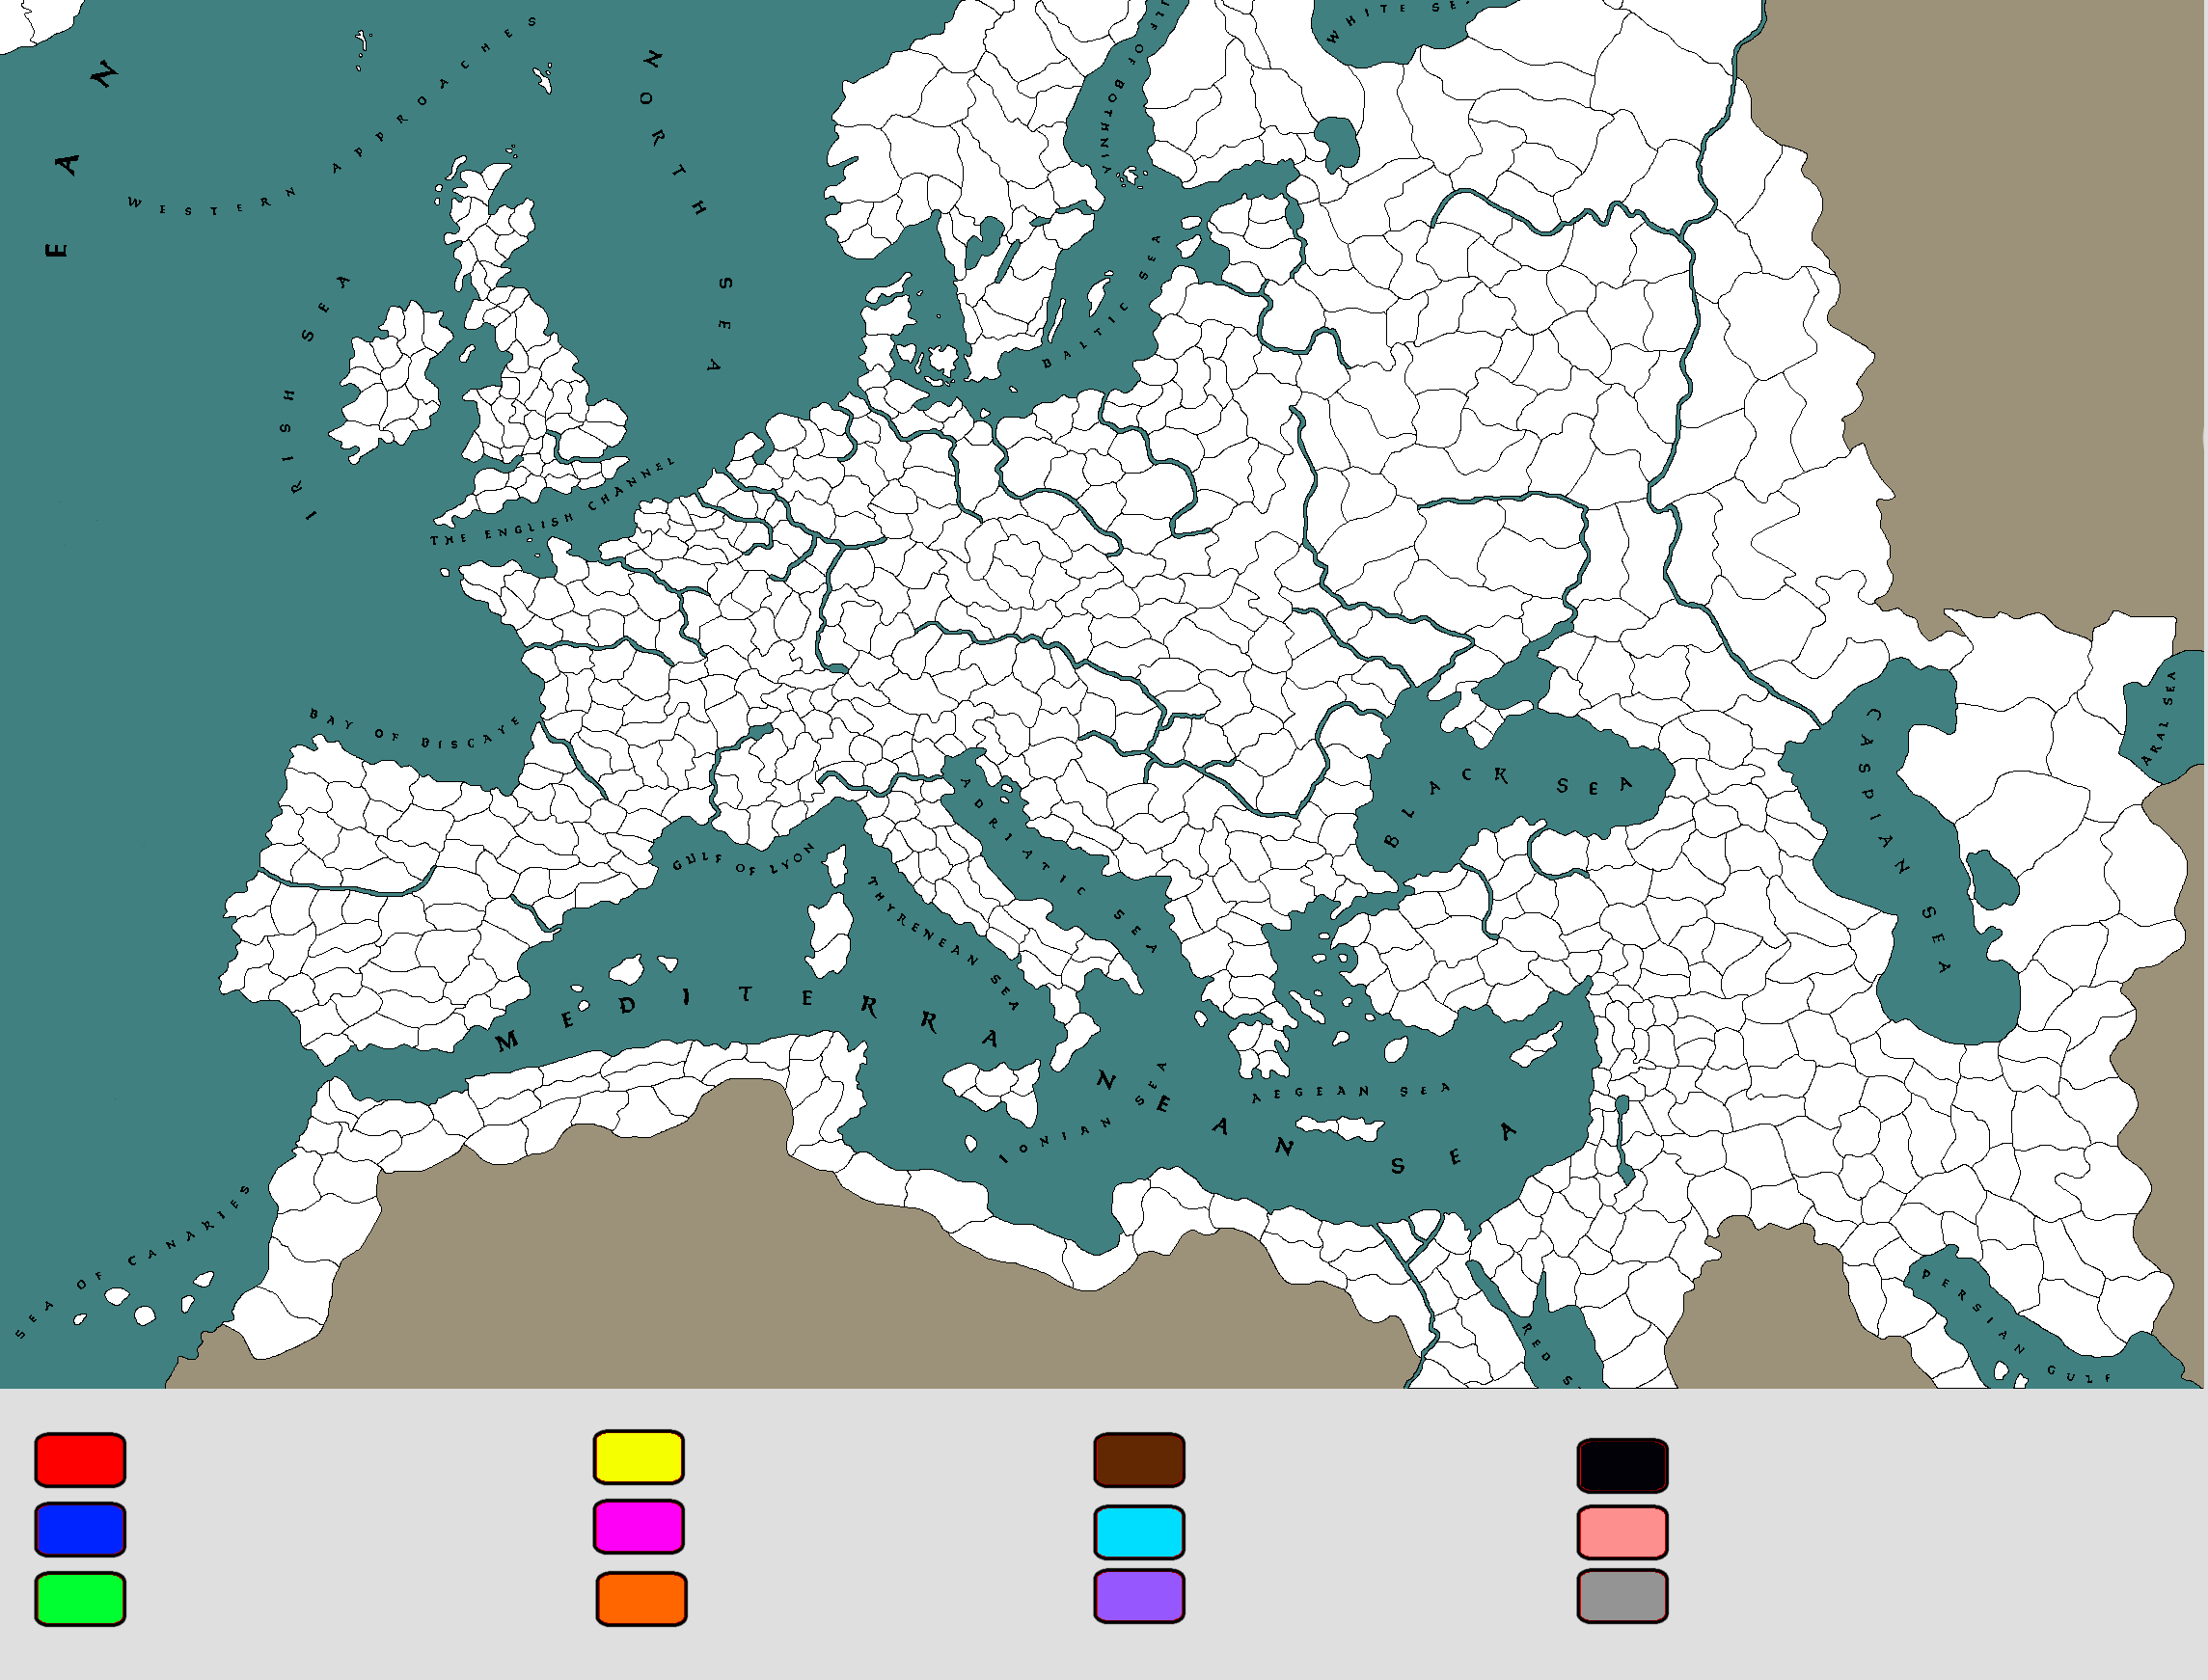 Ich Möchte Gerne Mit Euch Ein Neues Würfel Basiertes Spiel Spielen on Old World Map Outline